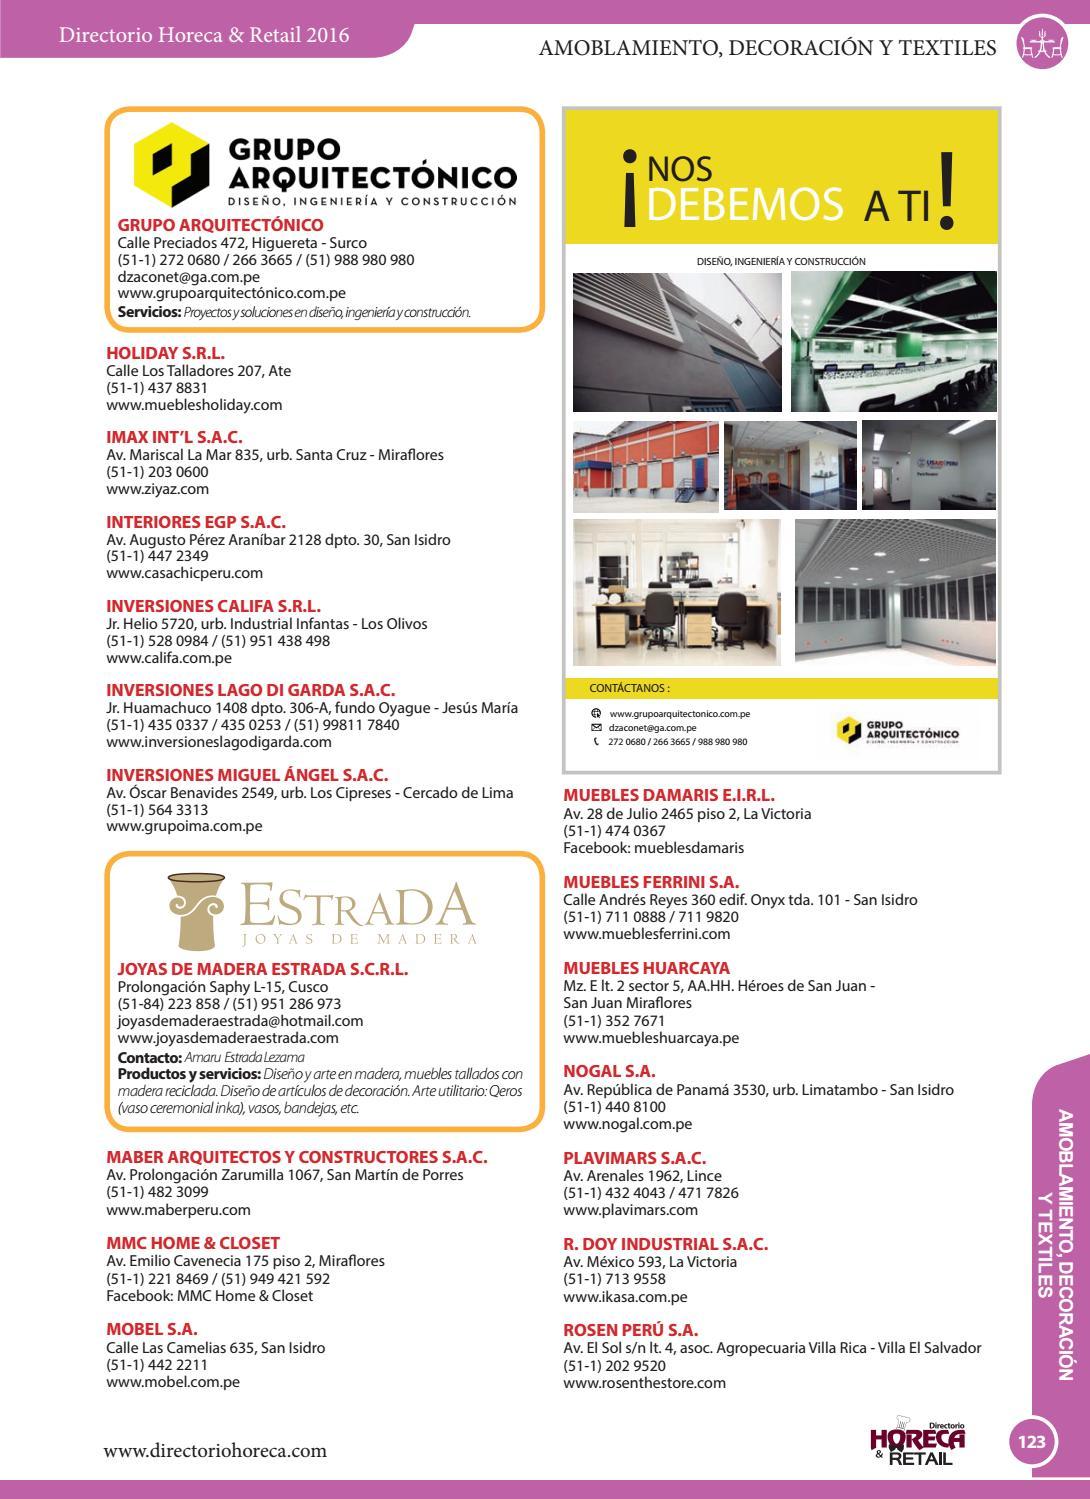 Directorio Empresarial Horeca Retail 2016 By Revista Industria  # Muebles Huarcaya